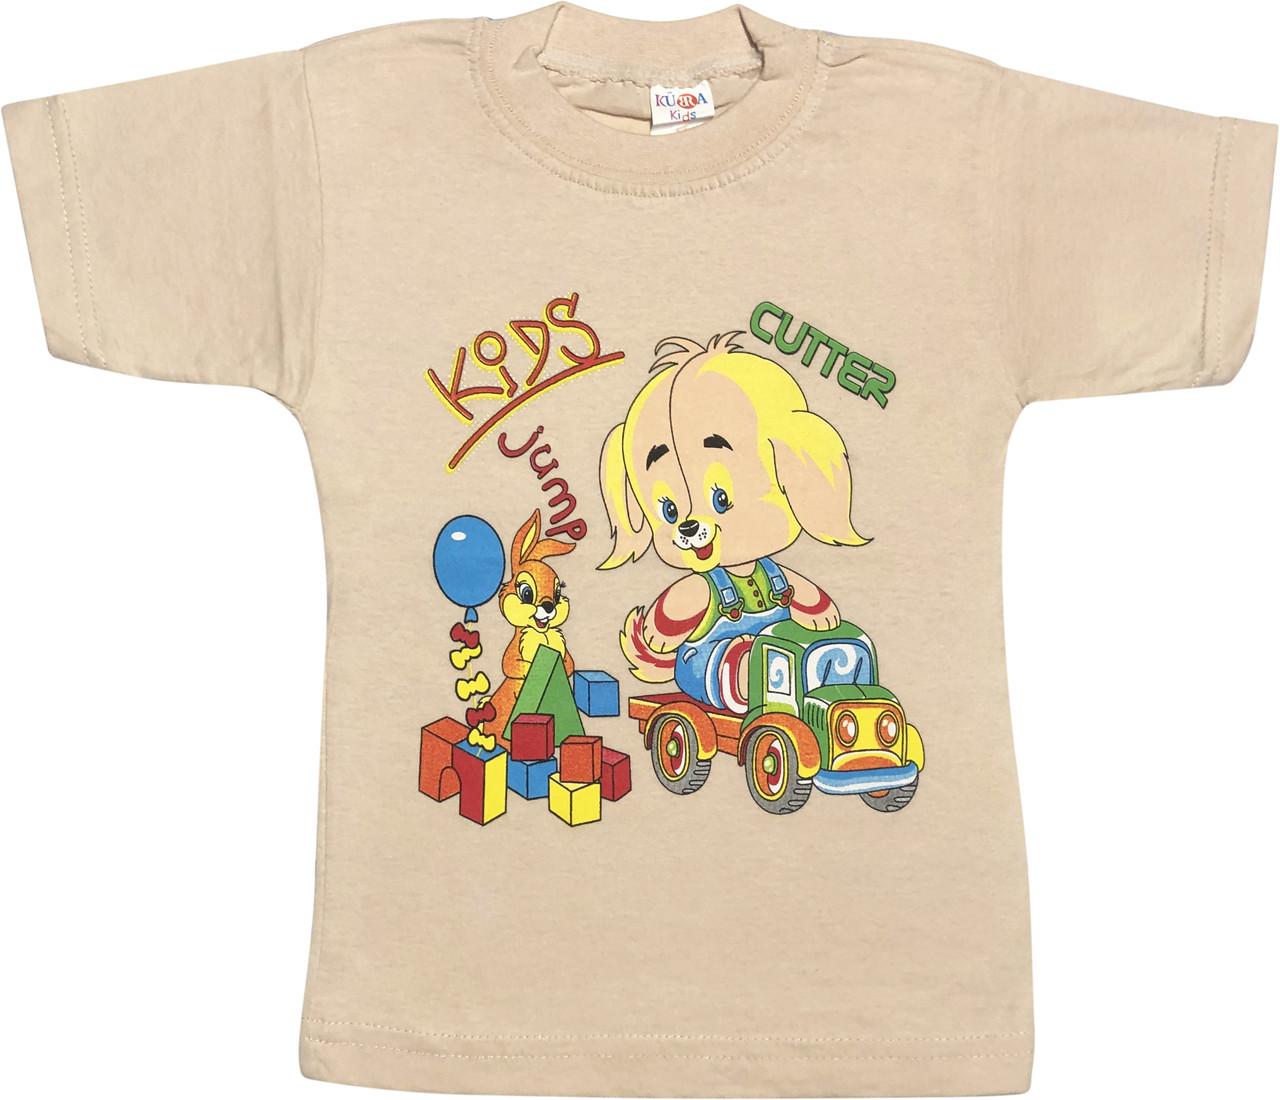 Детская футболка на мальчика рост 104 3-4 года для детей с принтом рисунком красивая трикотажная бежевая